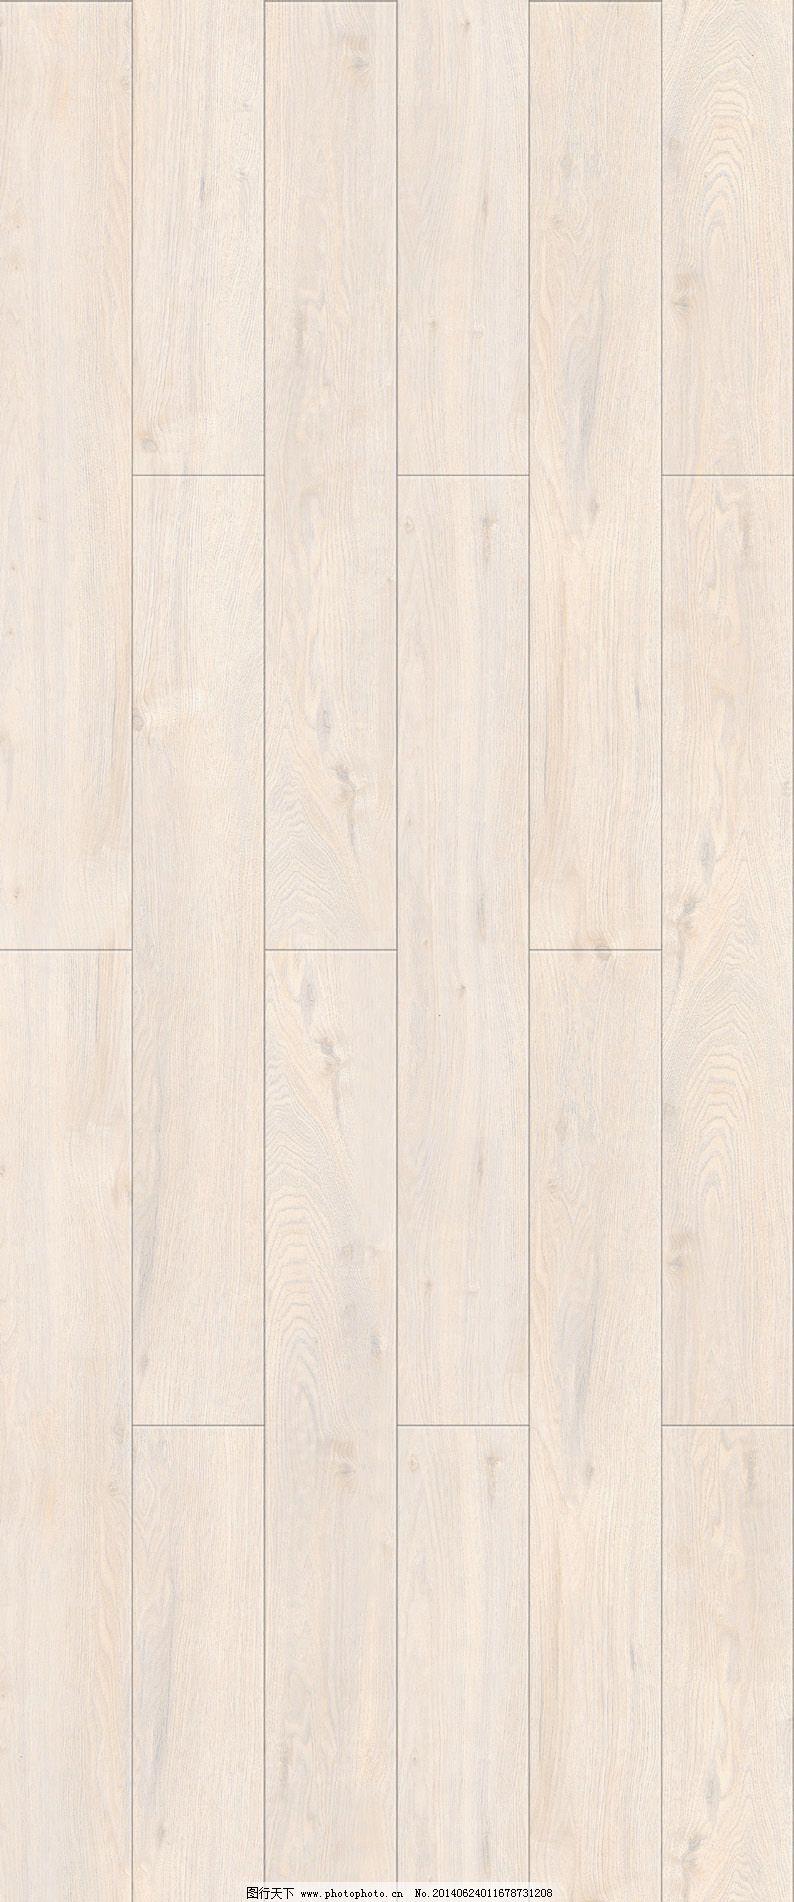 木地板材质 木地板效果图 地板贴图 地板设计素材 家居装饰素材 室内